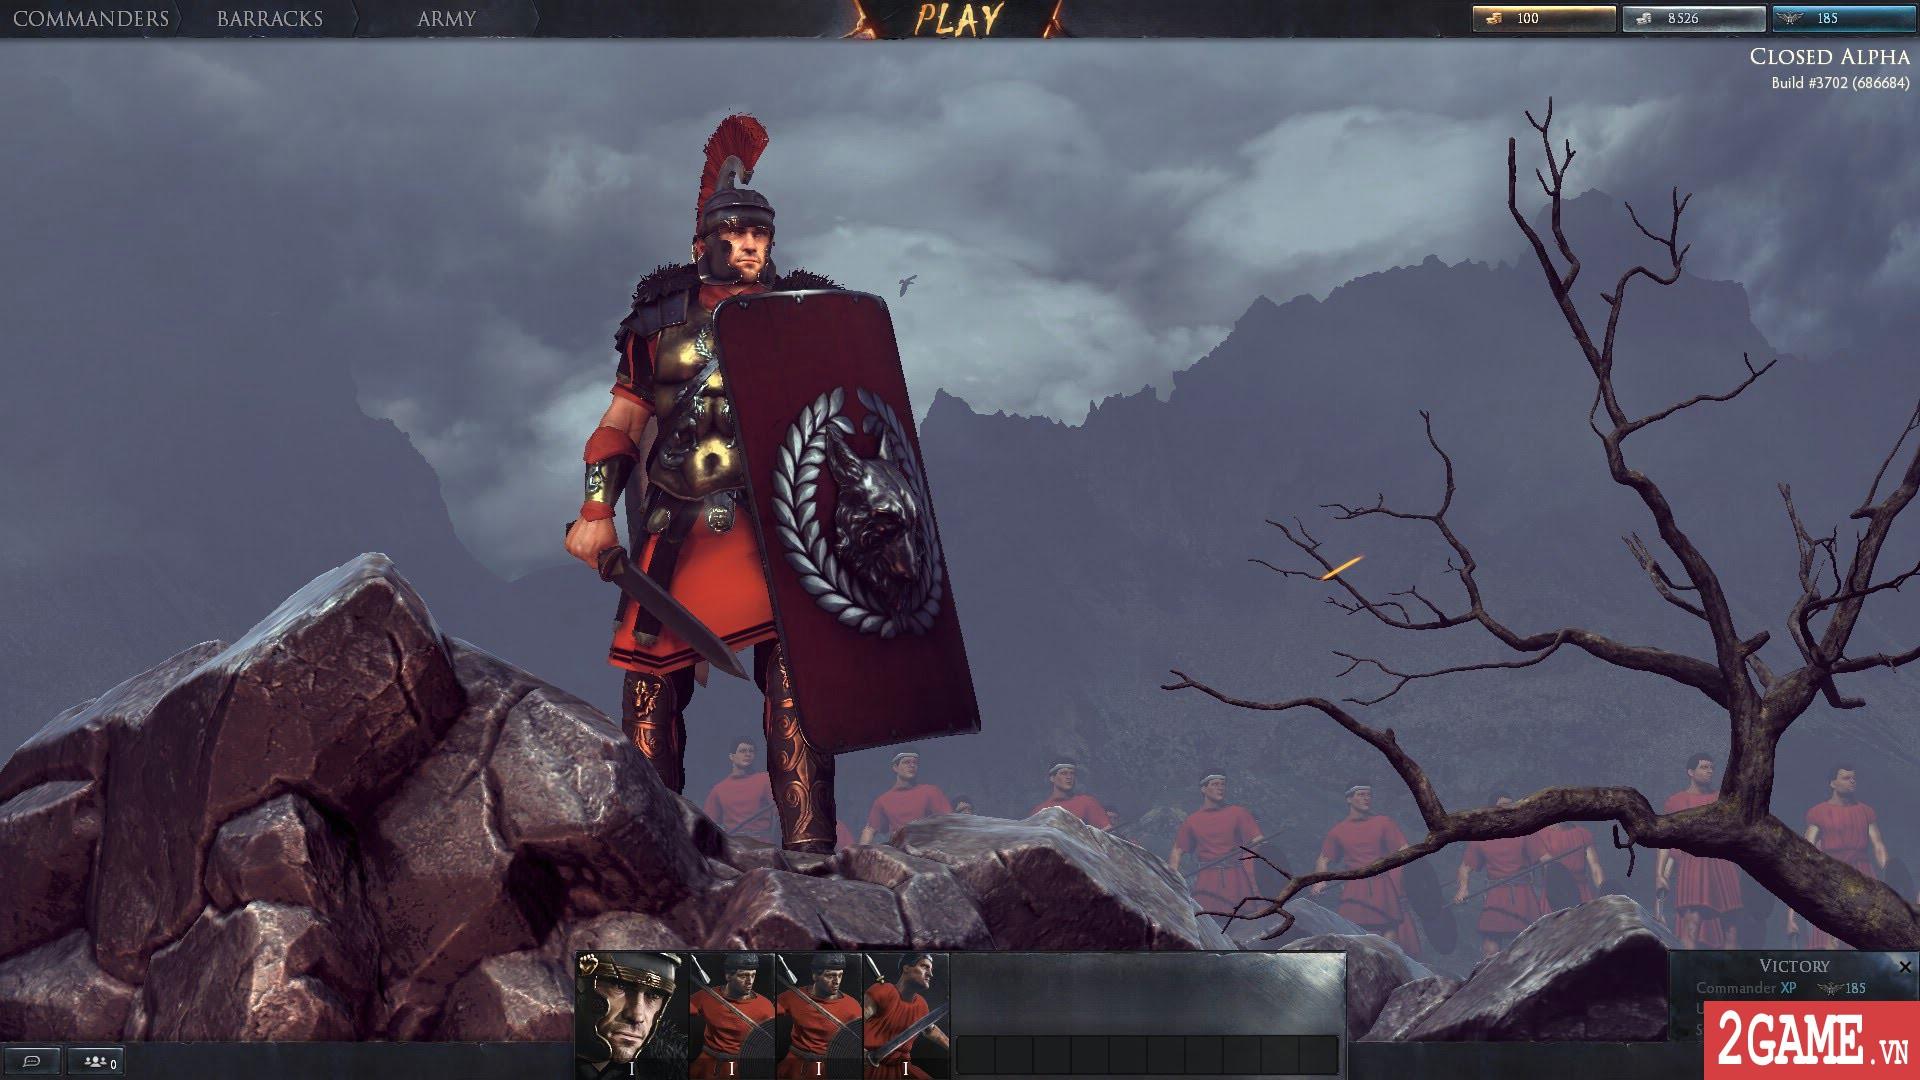 Total War: Arena - Game chiến thuật 3D quy mô bậc nhất trên PC bất ngờ cho chơi miễn phí hoàn toàn 5